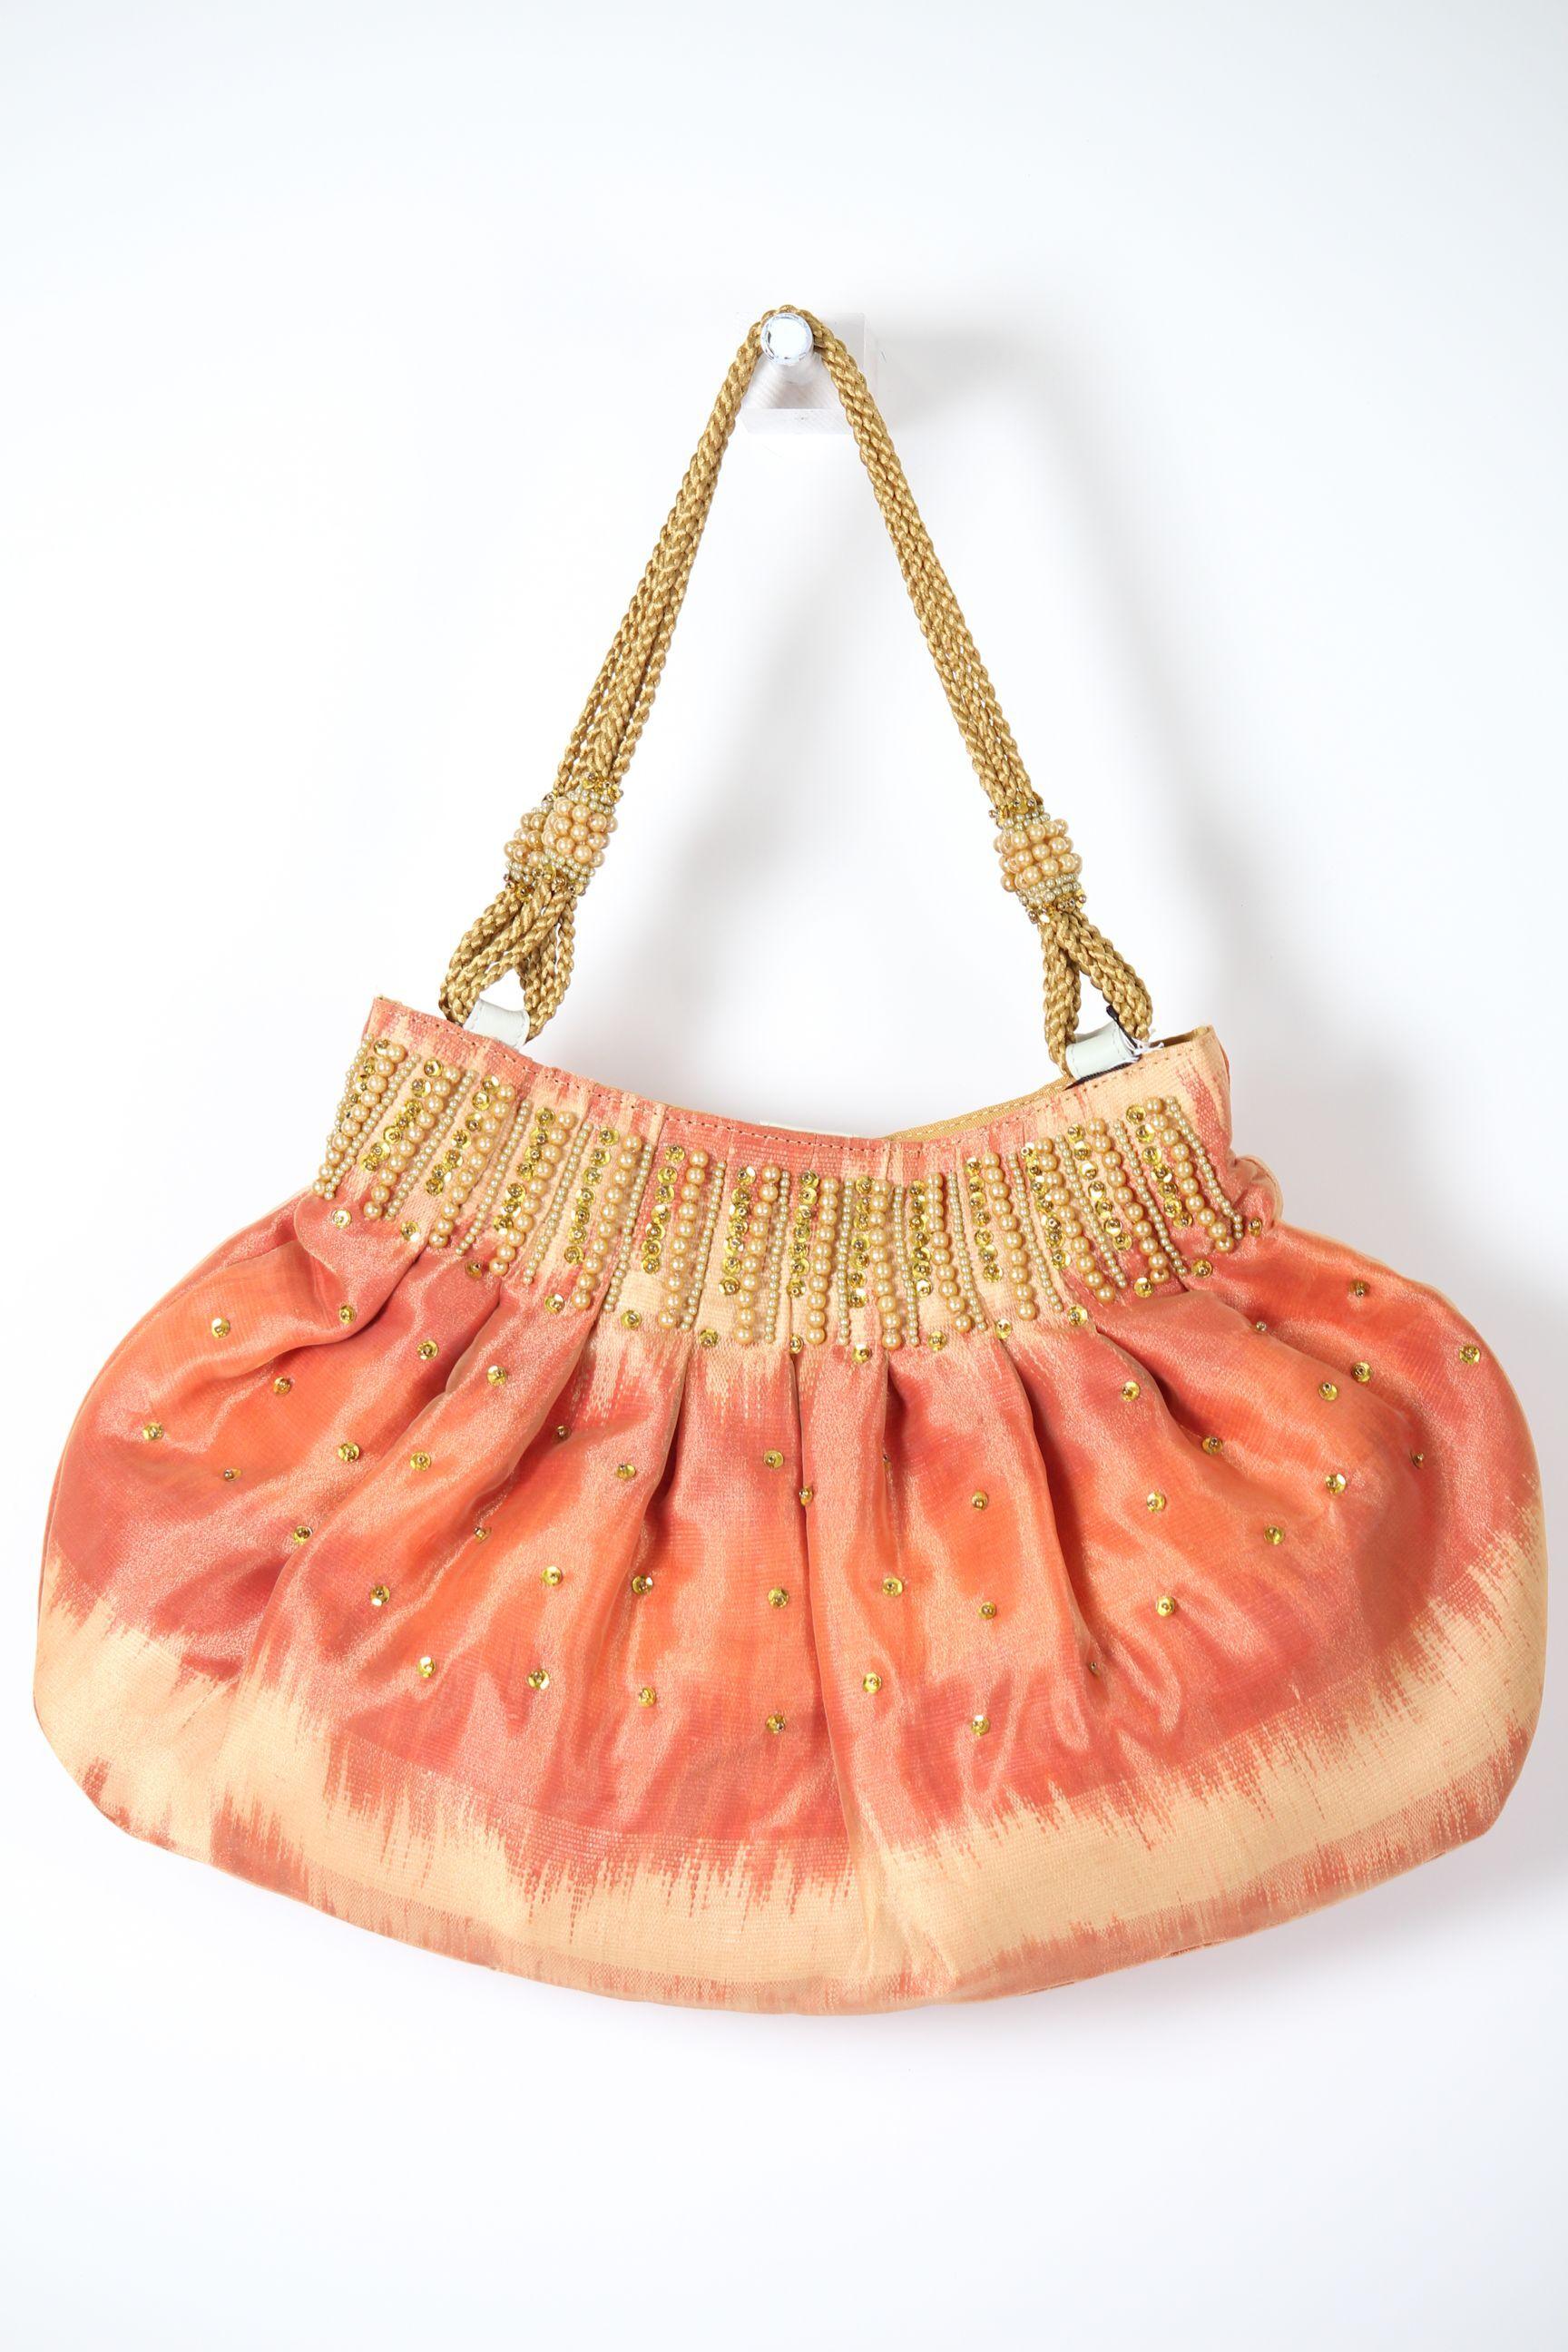 オレンジビーズ刺繍バッグ